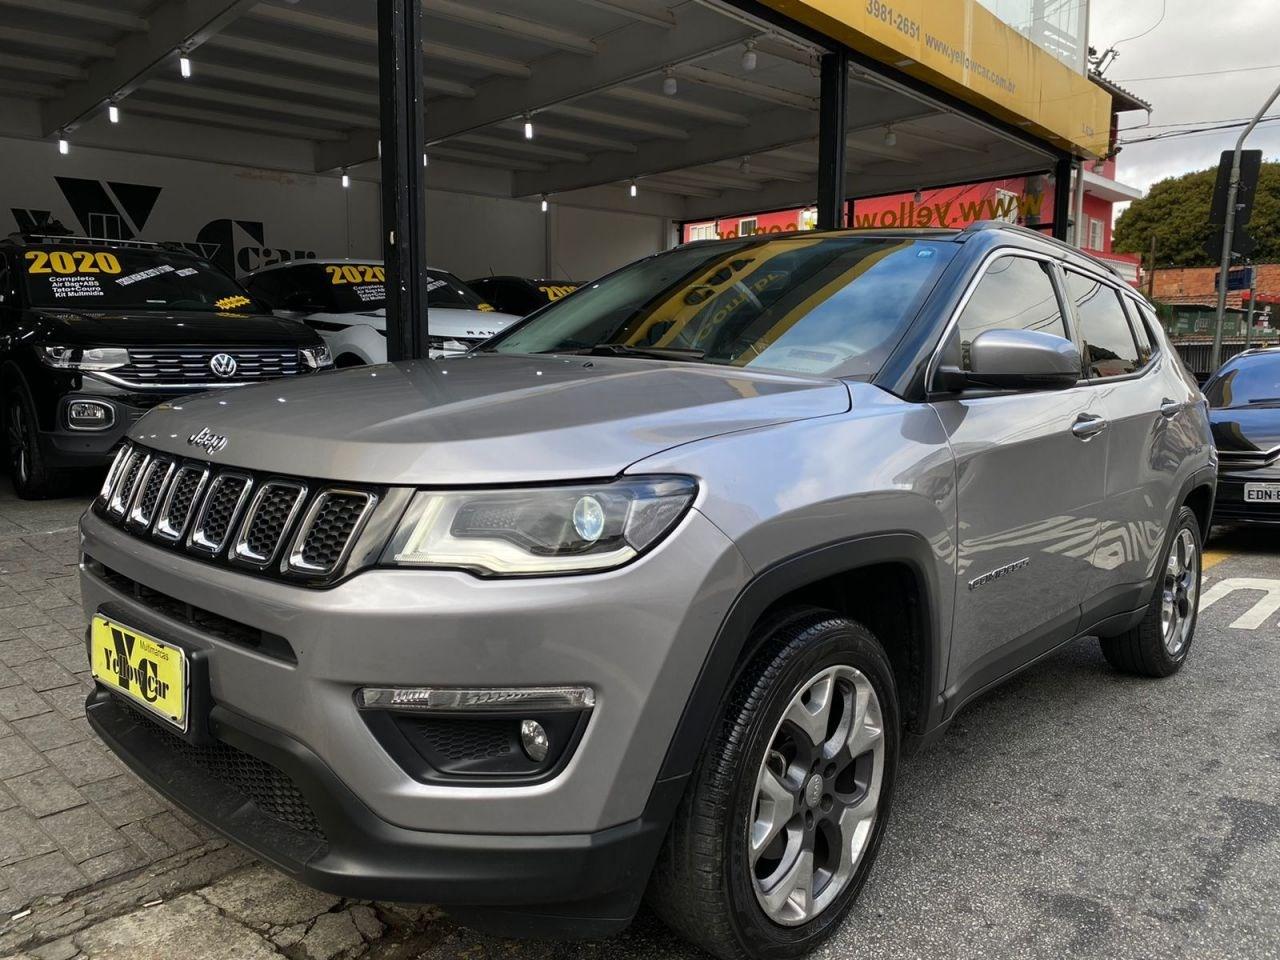 //www.autoline.com.br/carro/jeep/compass-20-longitude-16v-flex-4p-automatico/2019/sao-paulo-sp/15693487